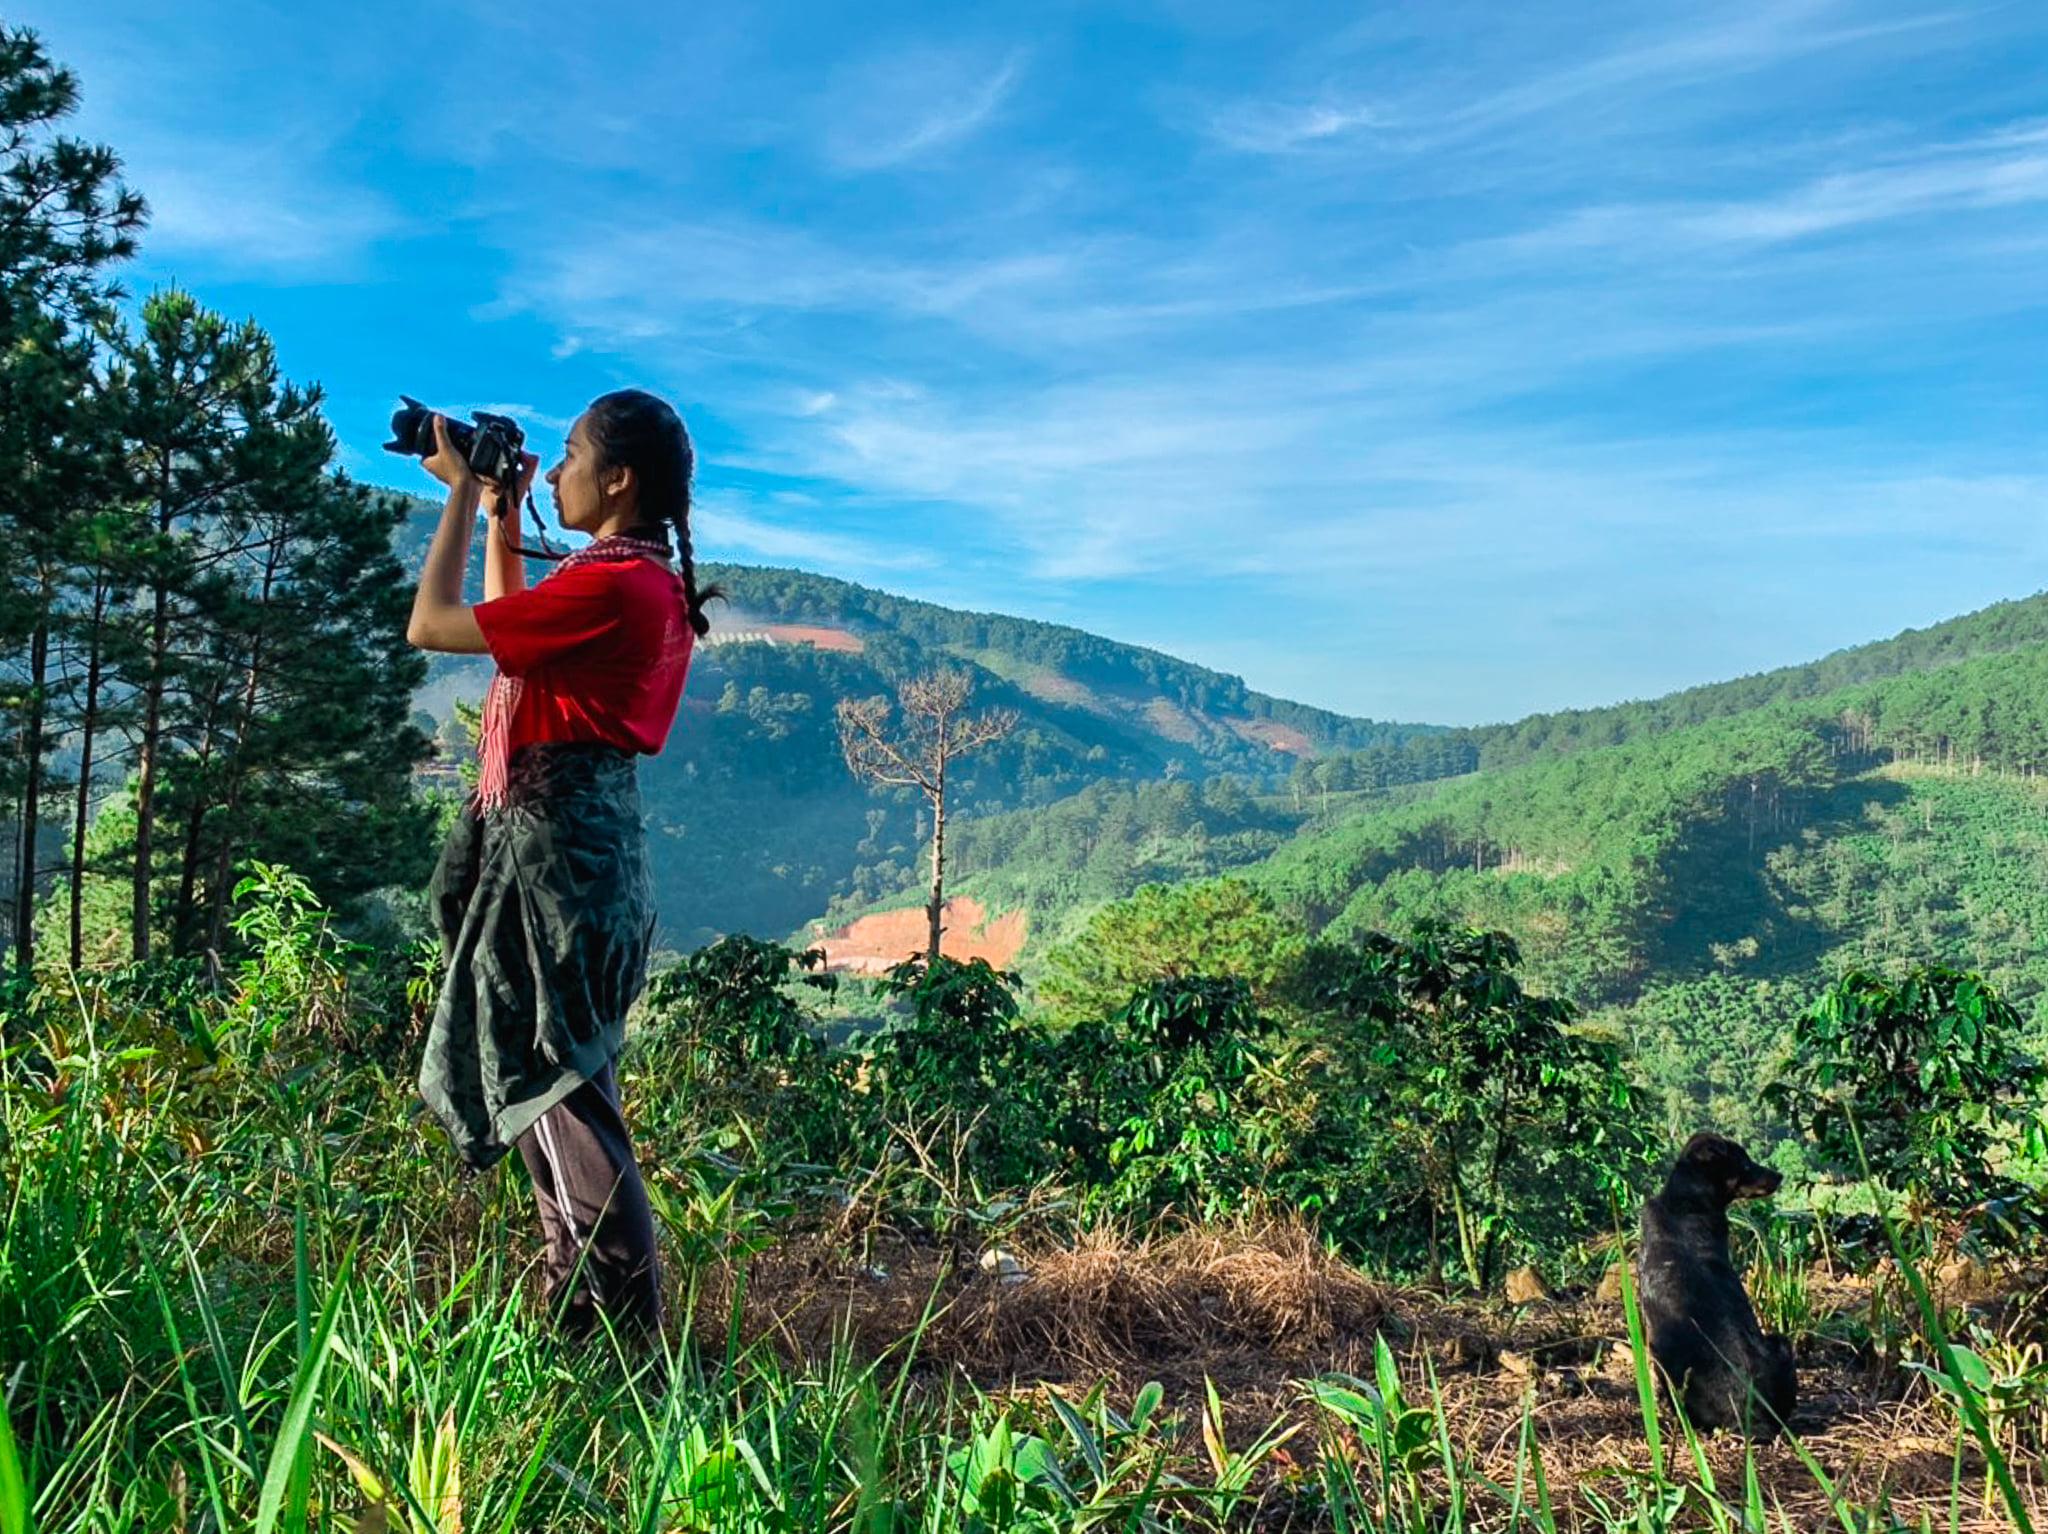 Chuyến du lịch cuộc đời | 21 tuổi – 1 mình – 1 Đà Lạt – 27 ngày – 3 triệu